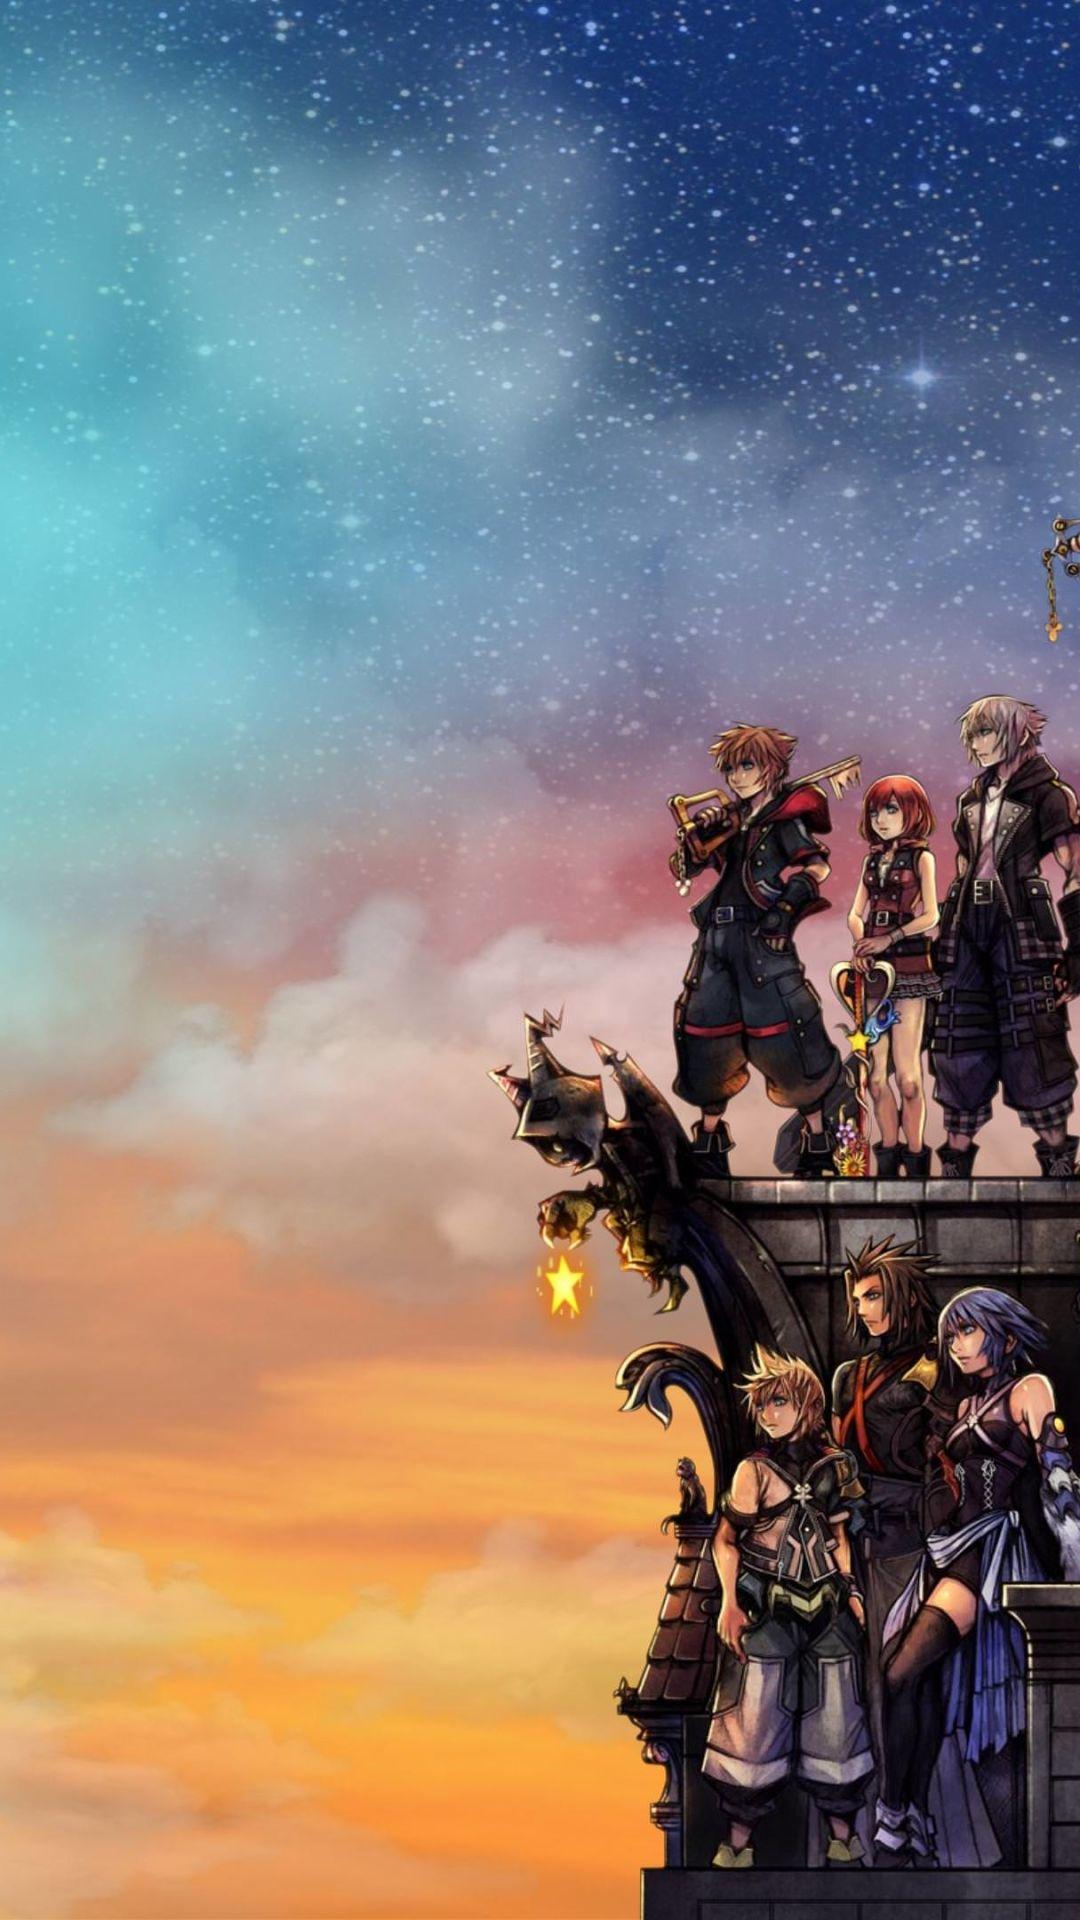 Kingdom Hearts Picture Kingdom Hearts Wallpaper Kingdom Hearts Wallpaper Iphone Kingdom Hearts Kingdom hearts 3 iphone x wallpaper